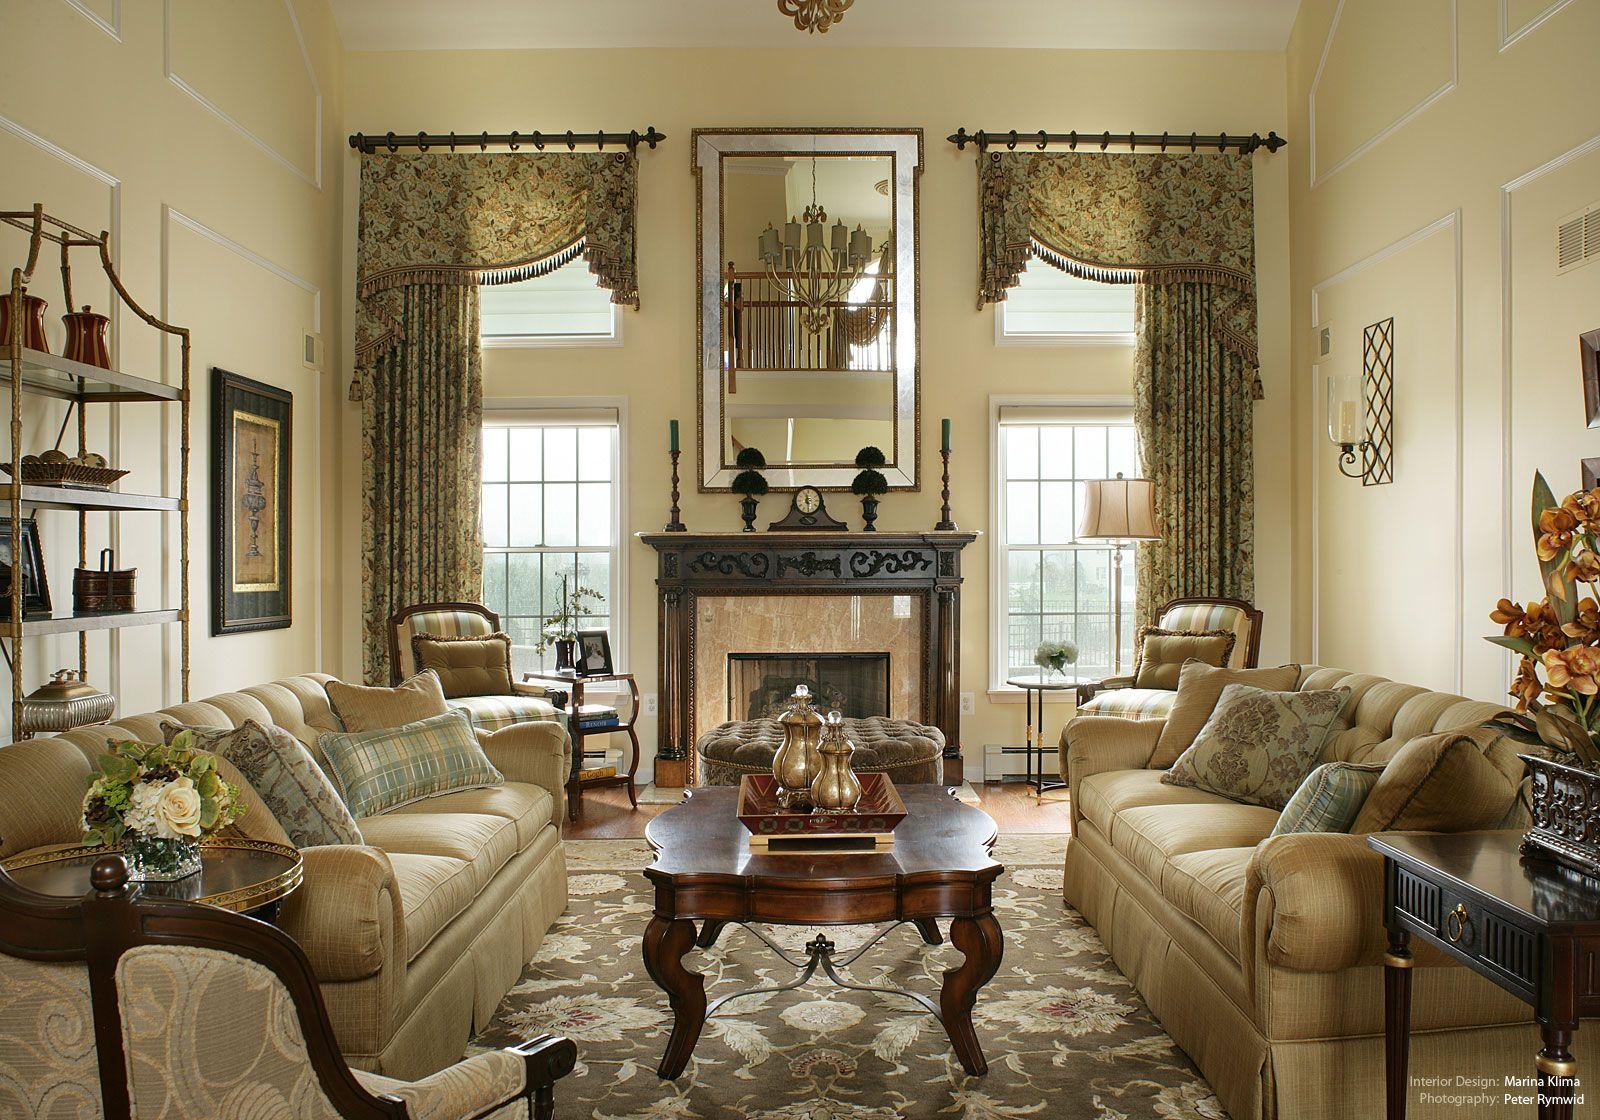 Rattanmöbel Wohnzimmer ~ Classy große wand dekoration wohnzimmer idee gartenmöbel